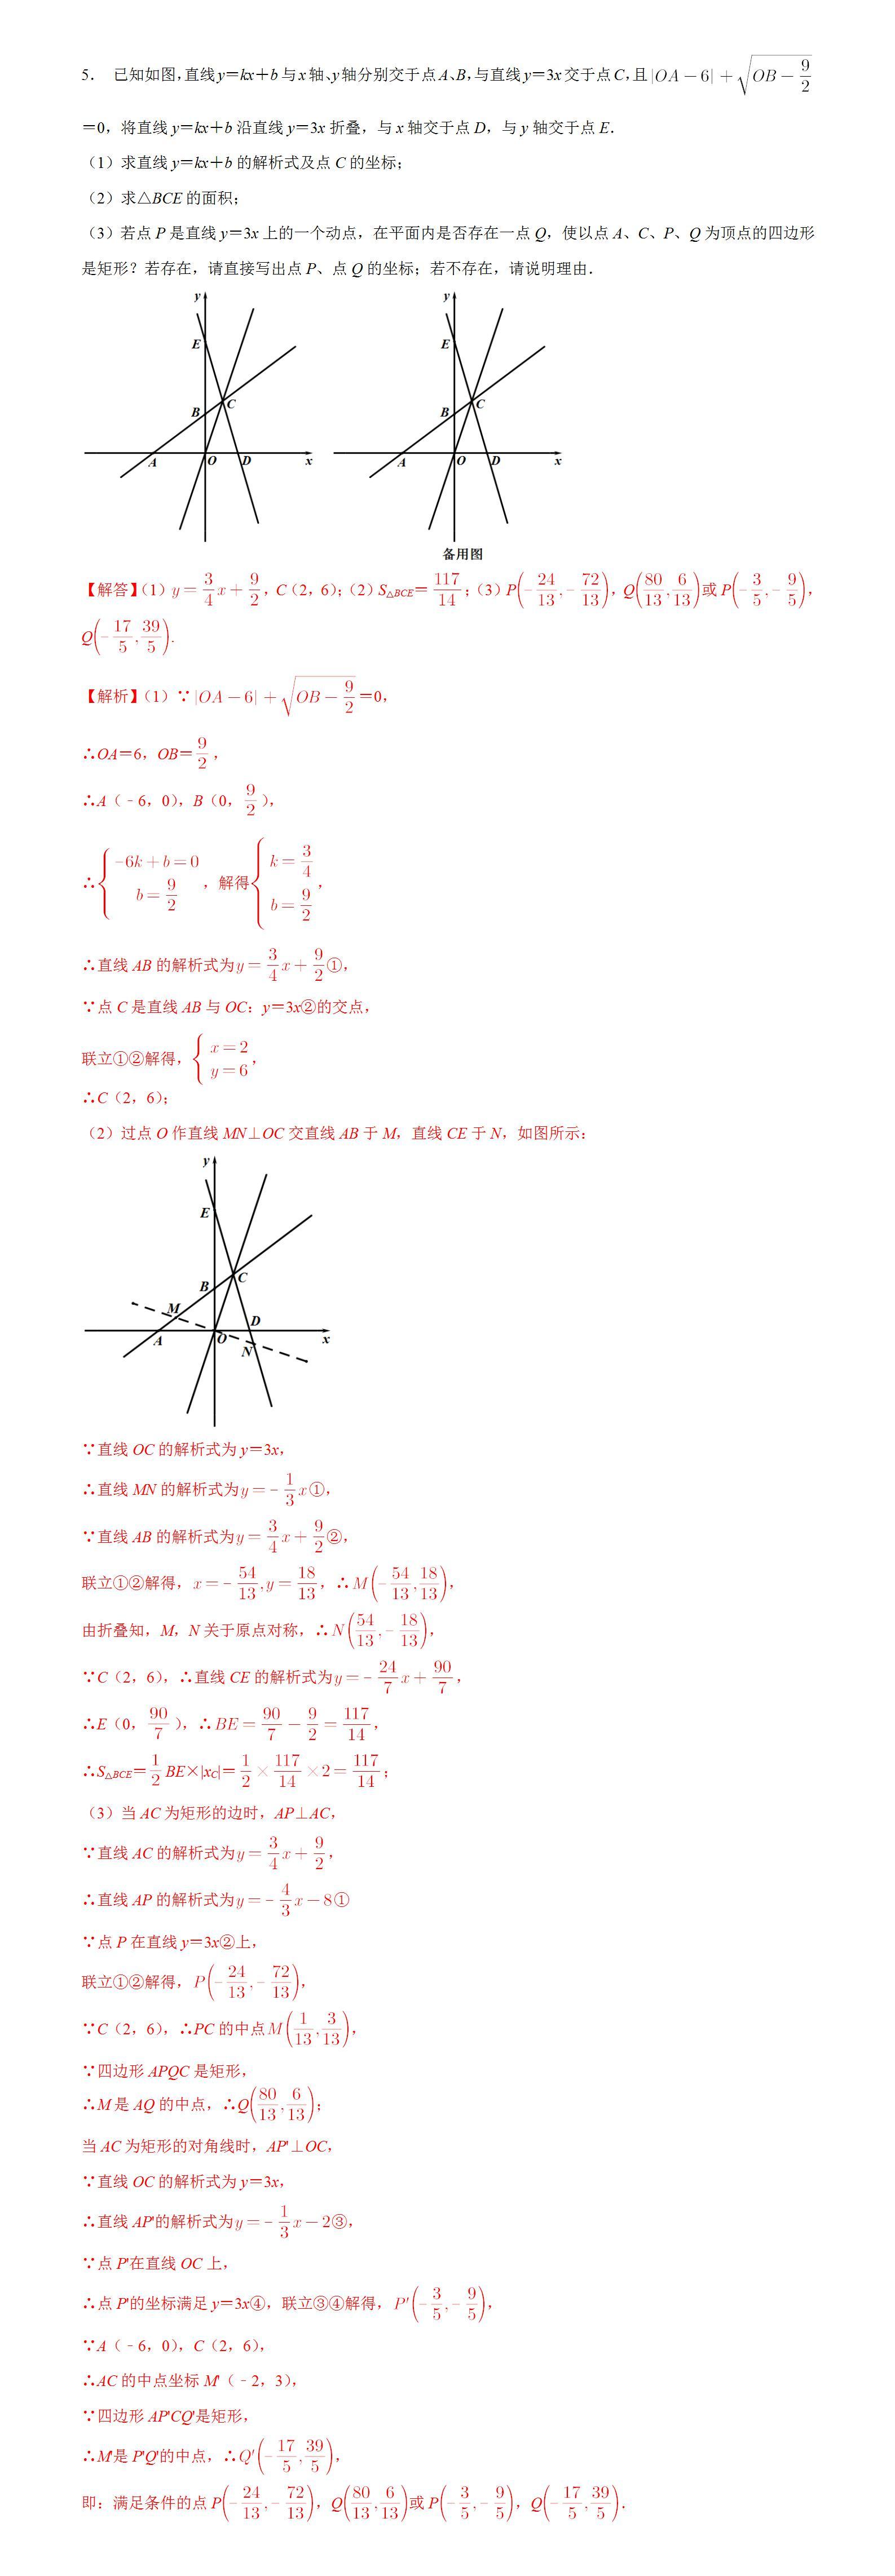 2020年初三数学矩形存在性问题巩固练习(提优)试题及答案(五)